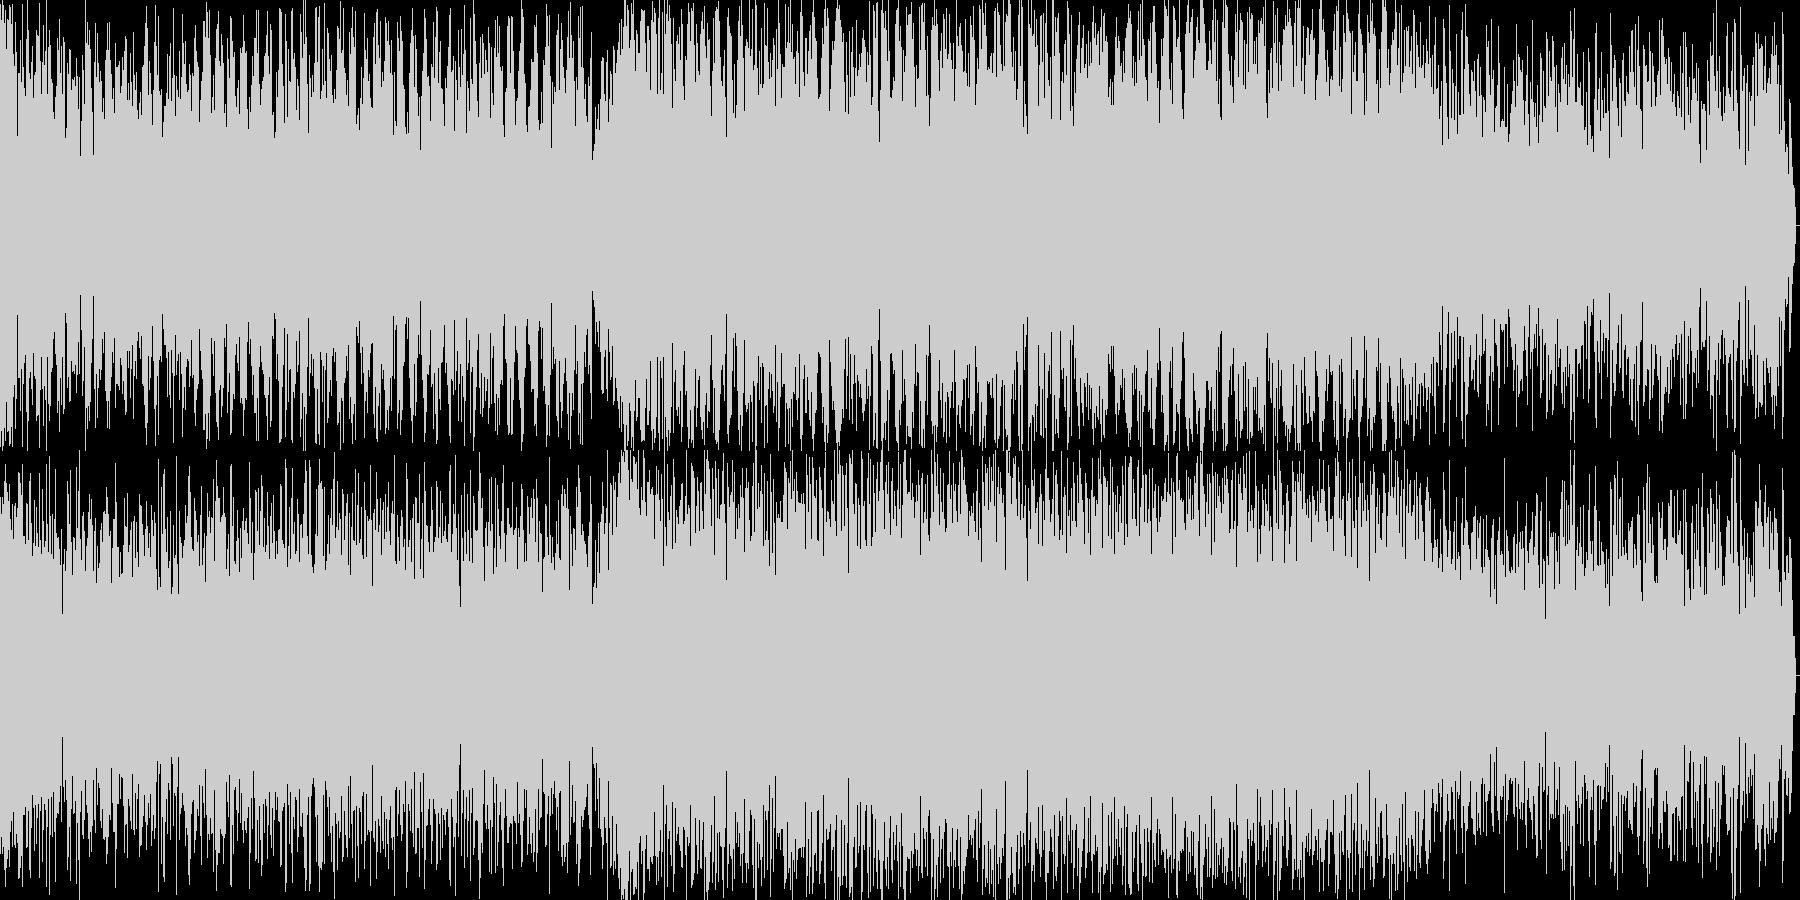 機械的EDMサウンドの短編BGMの未再生の波形